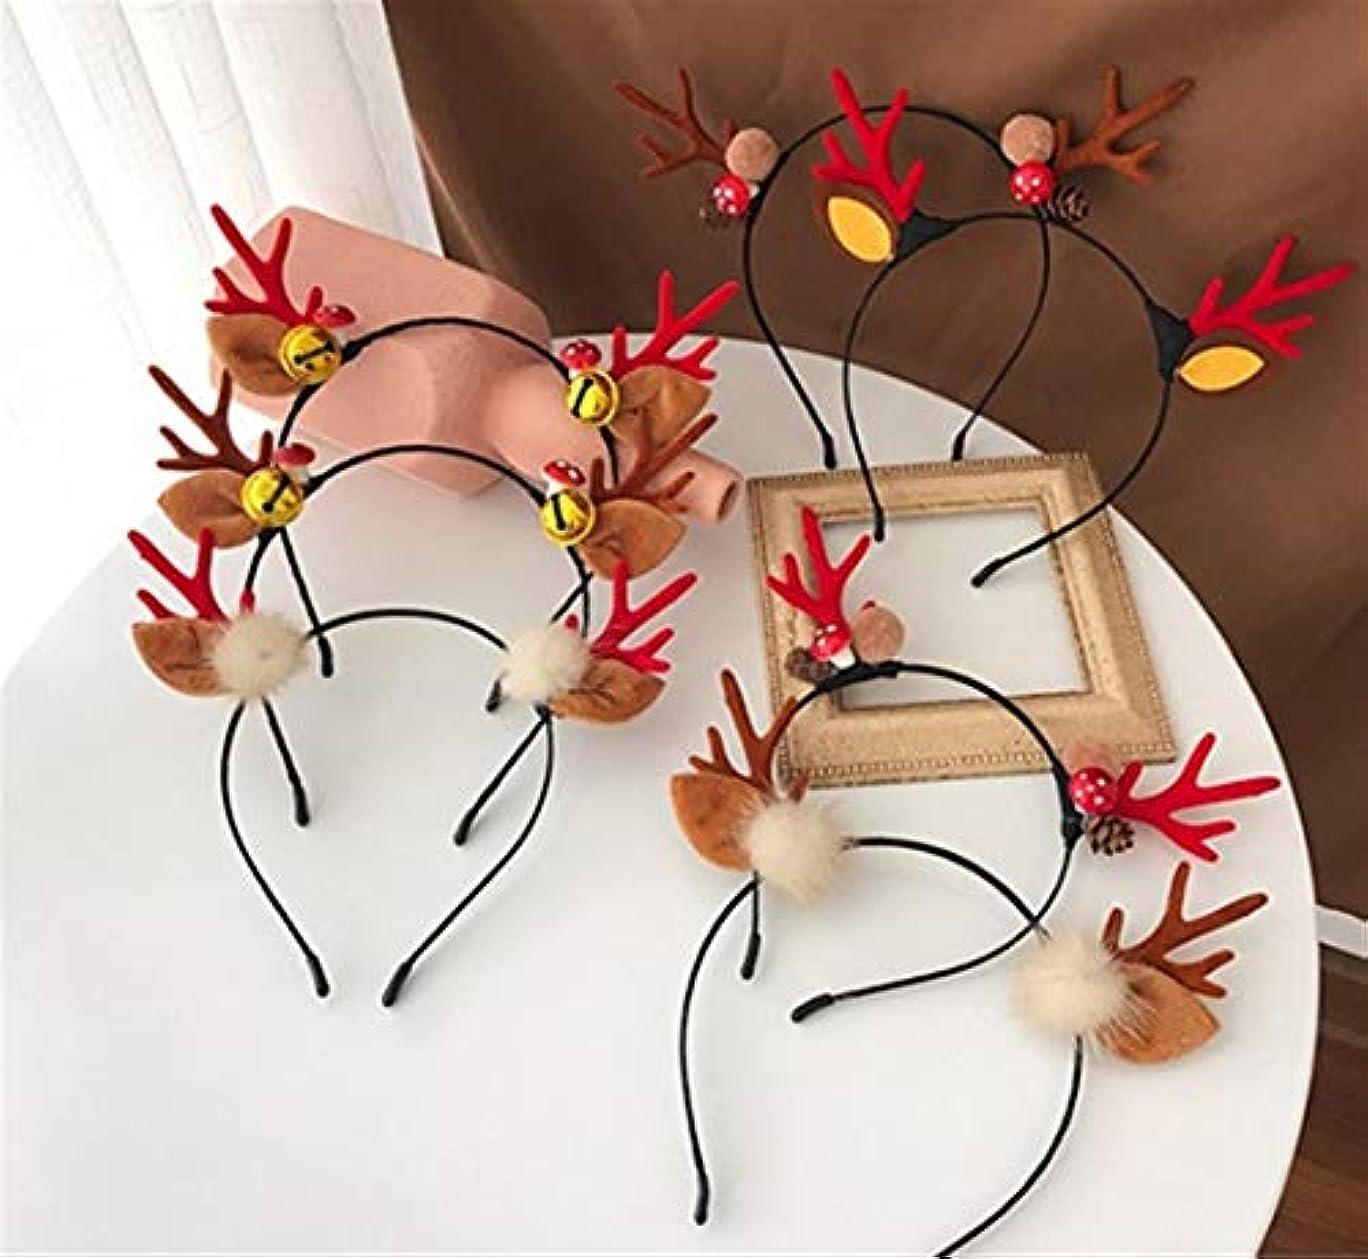 予測ビリーヤギ不要クリスマスヘッドバンド小さな枝角揺れヘッドバンドティアラ女性のヘアピン (Color : Red, Style : C)